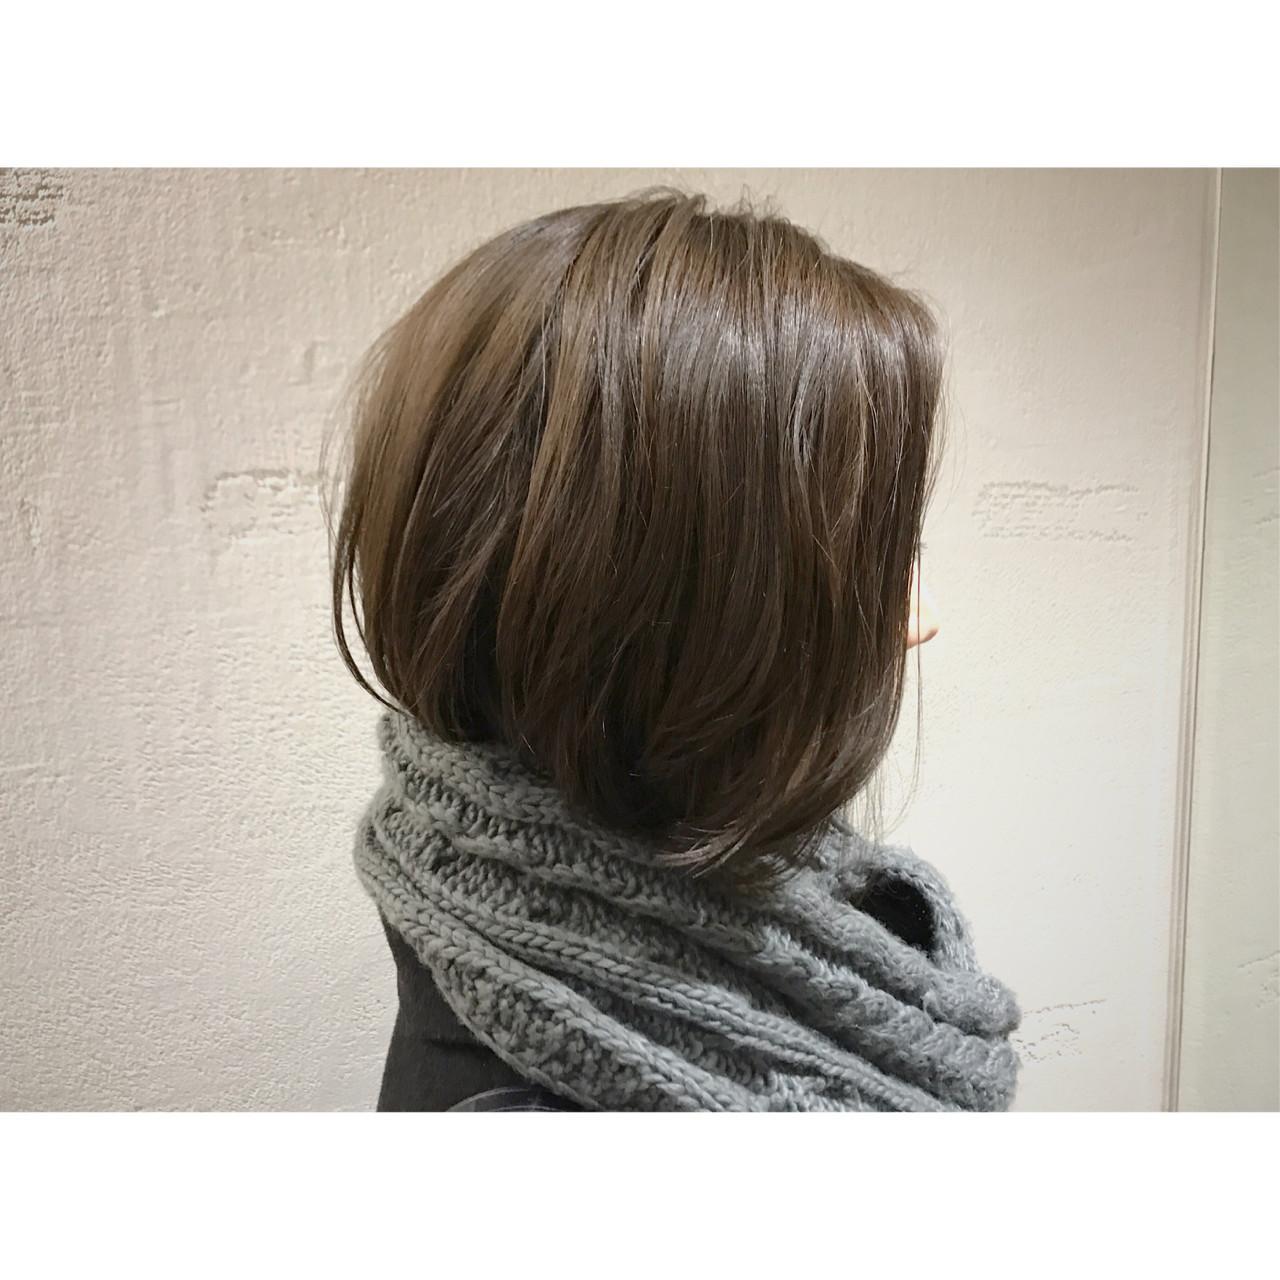 """40代のヘアスタイルは""""ボブ""""で凛とした美しさを手に入れよう 平田純也"""